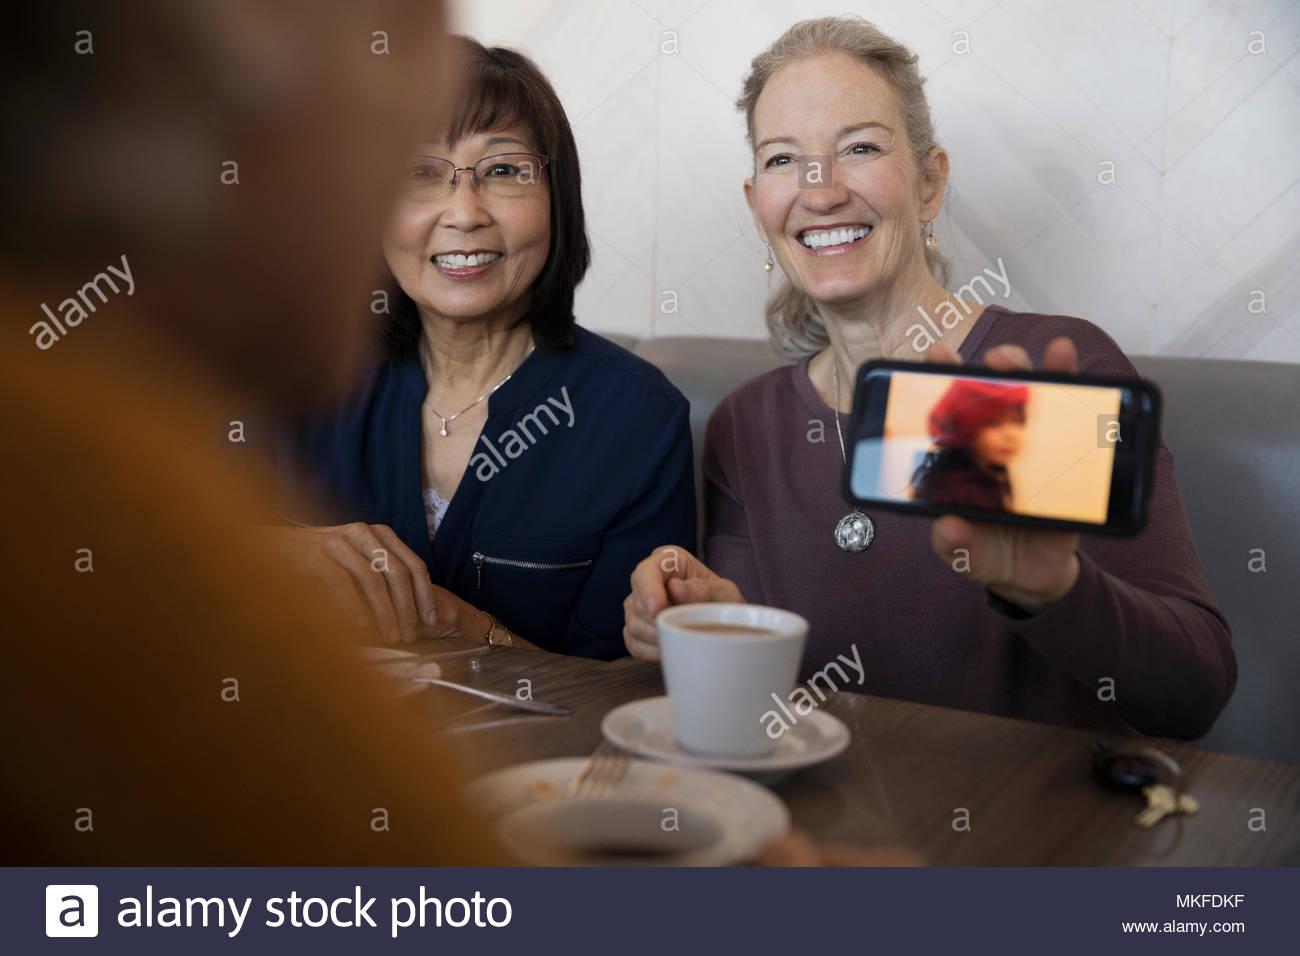 Orgogliosa senior donna con la fotocamera del telefono mostra fotografia del nipote di amici Immagini Stock